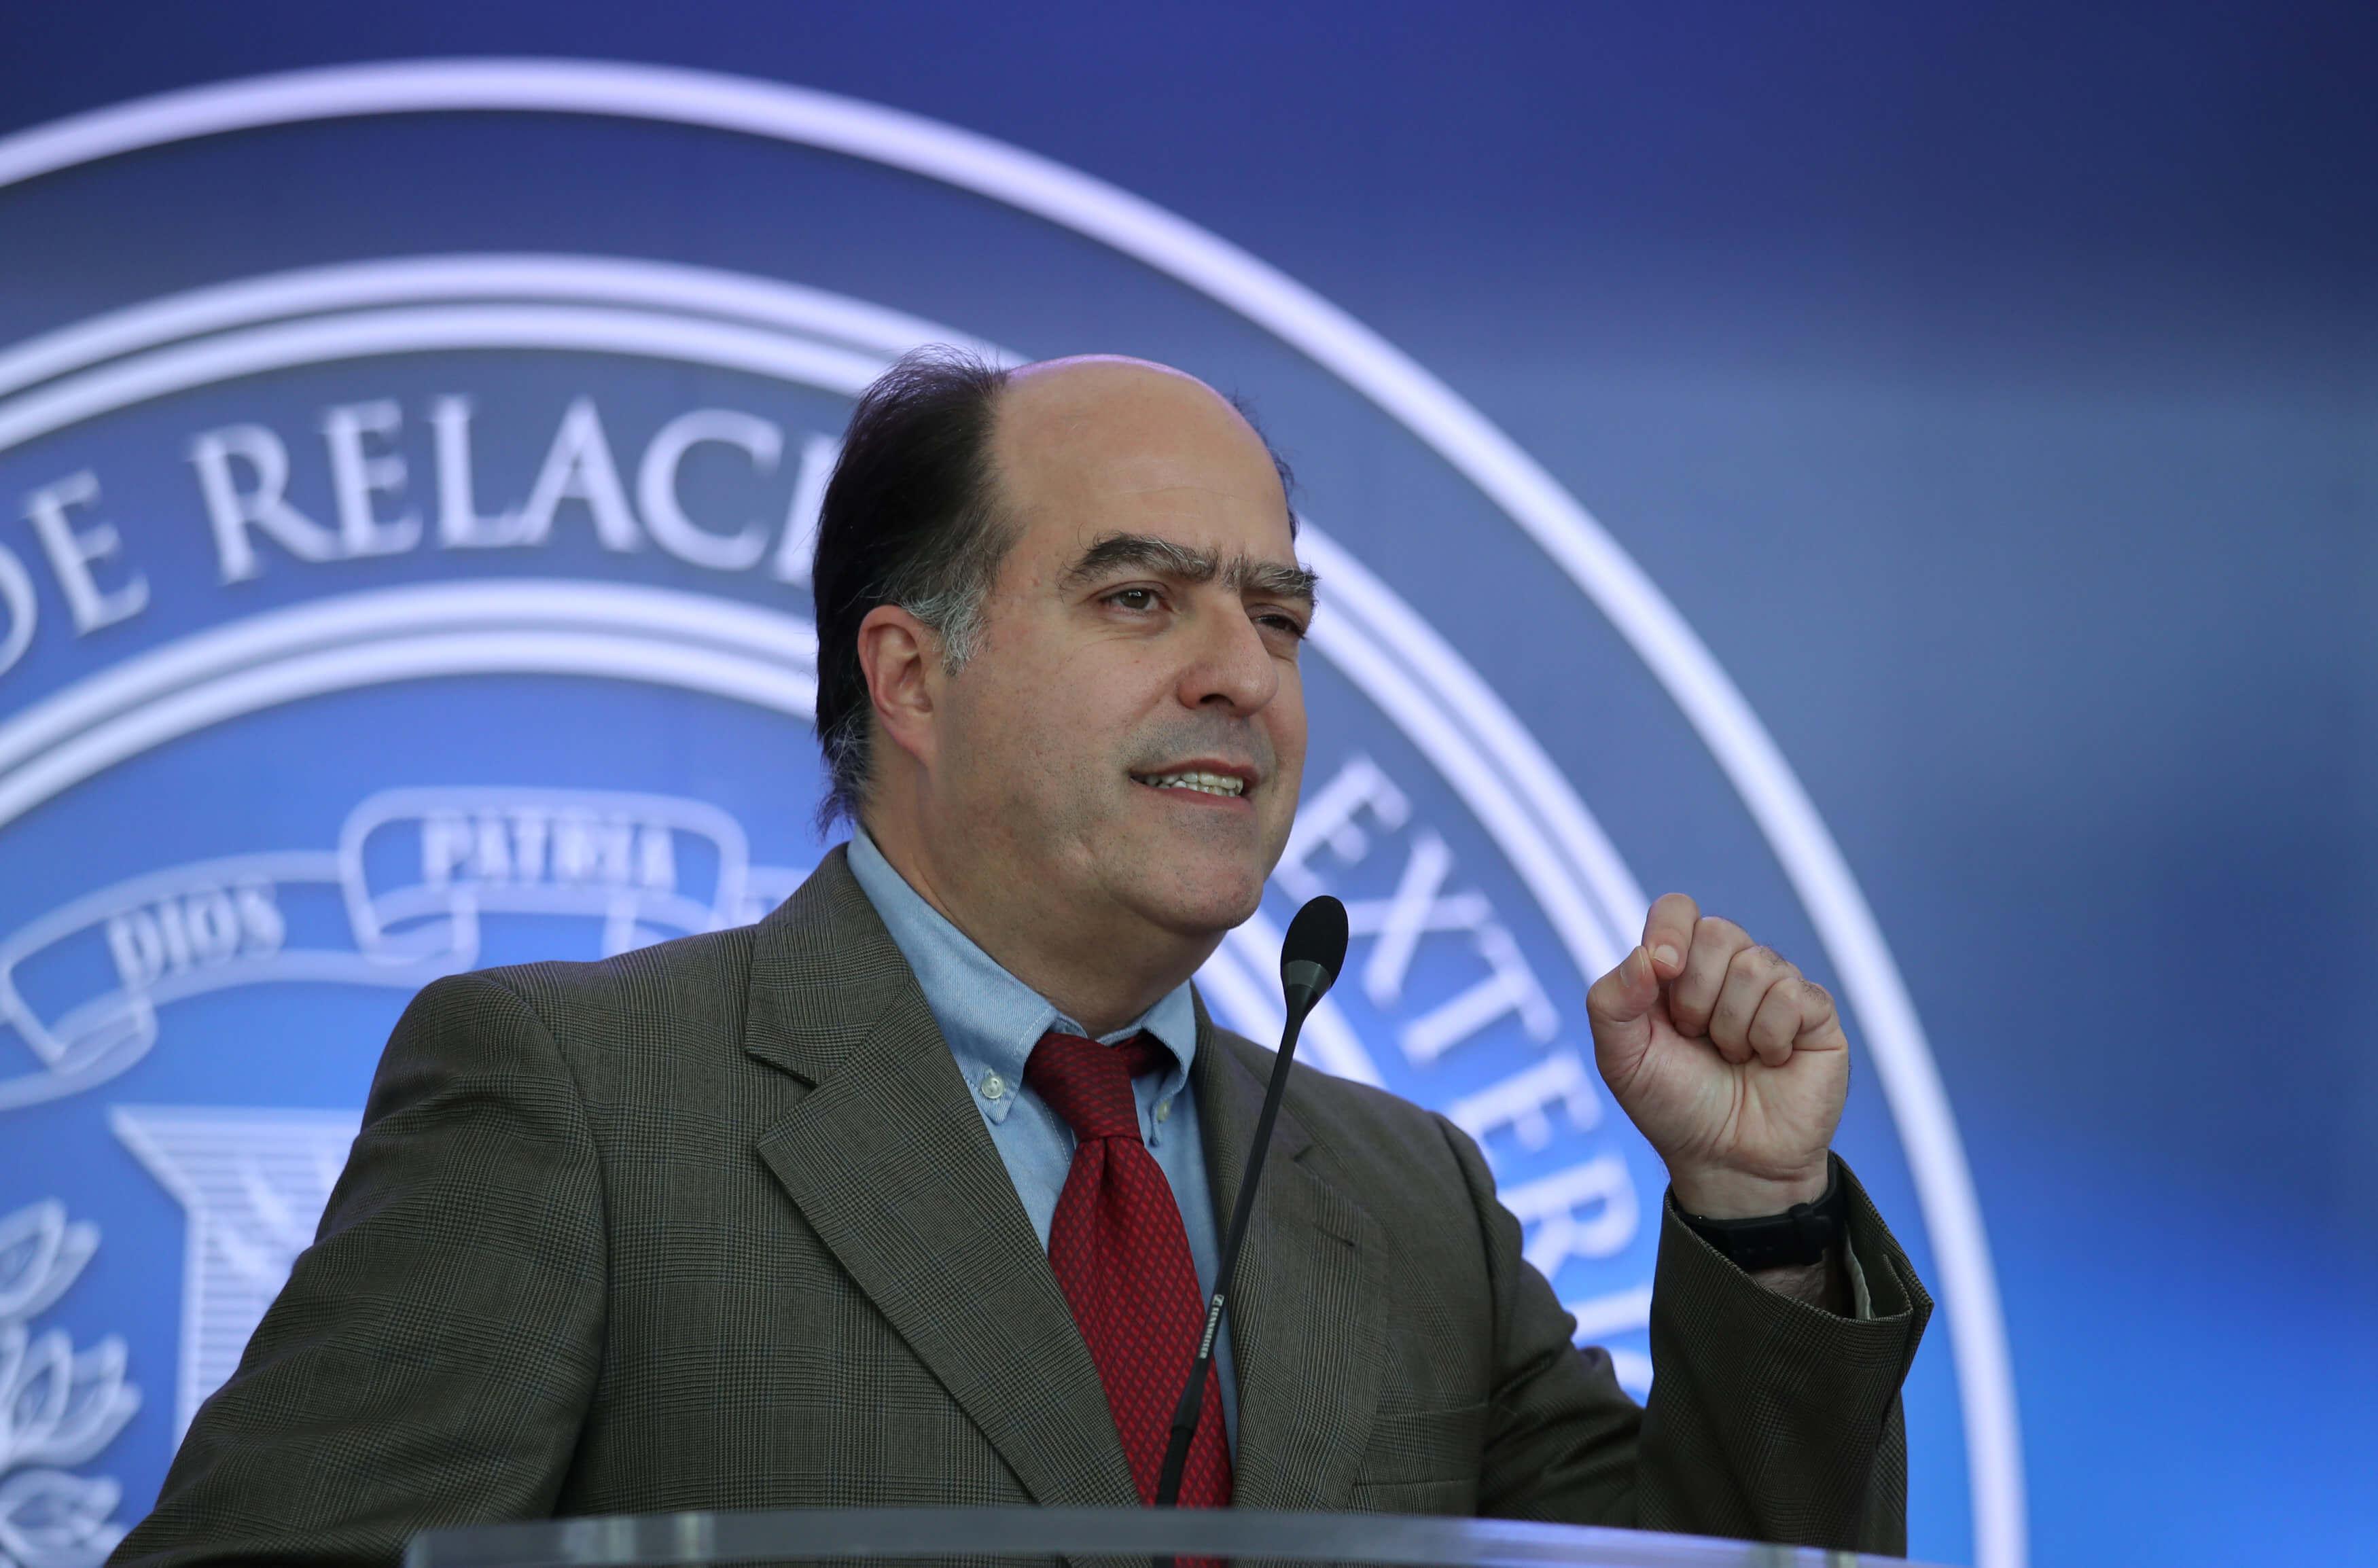 Expresidente español Zapatero asegura que diálogo venezolano entró en fase decisiva